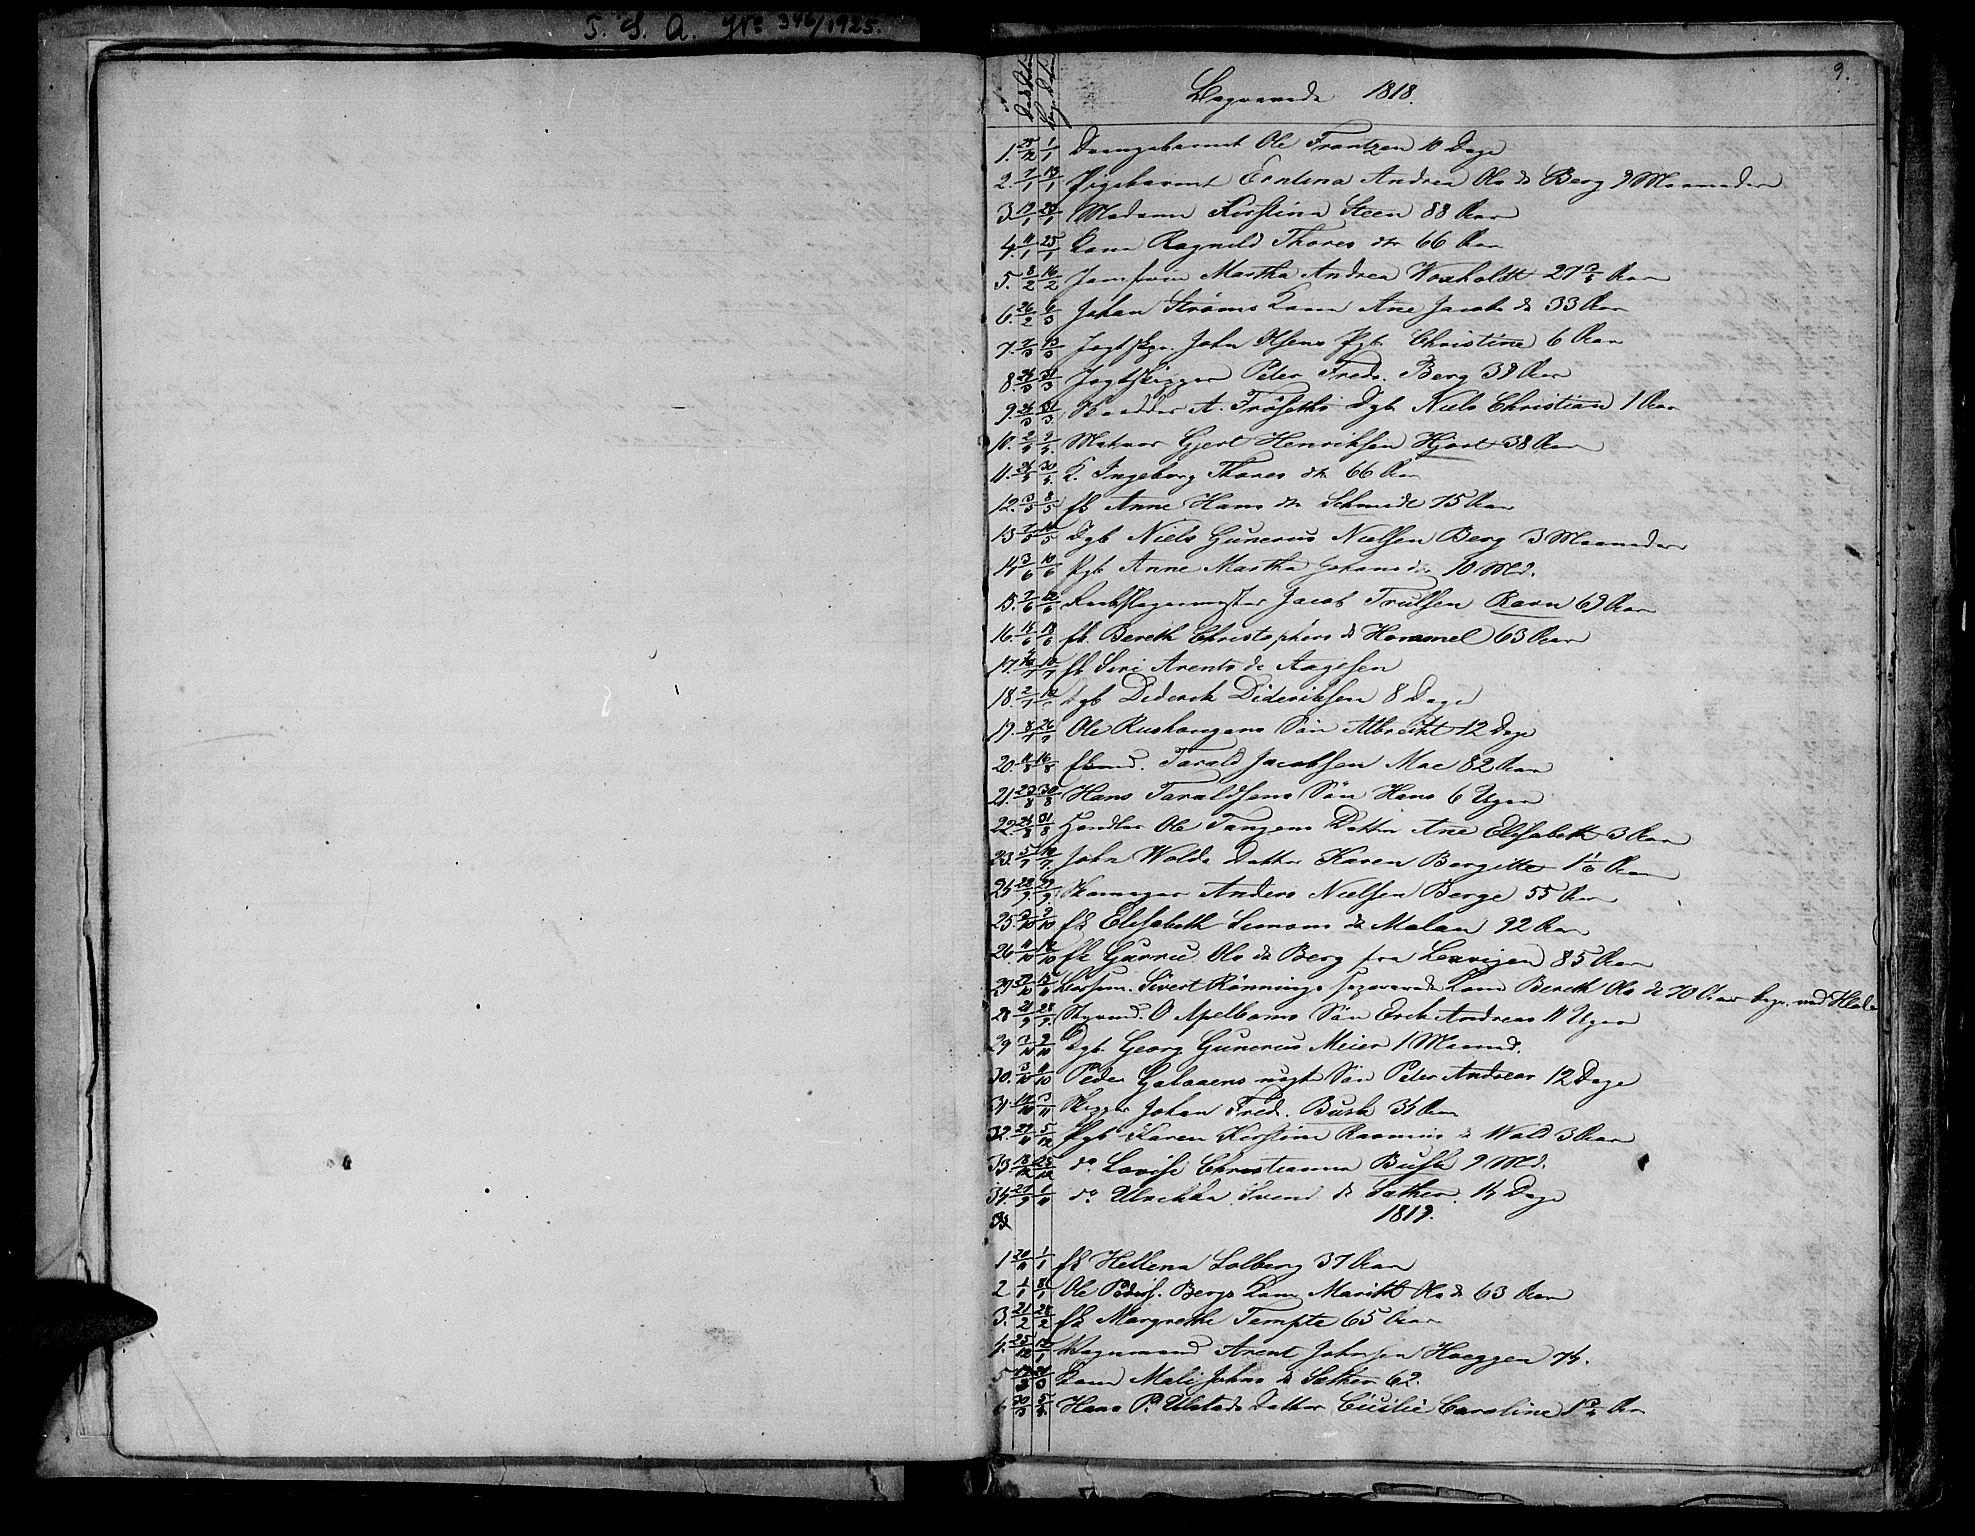 SAT, Ministerialprotokoller, klokkerbøker og fødselsregistre - Sør-Trøndelag, 604/L0182: Ministerialbok nr. 604A03, 1818-1850, s. 9